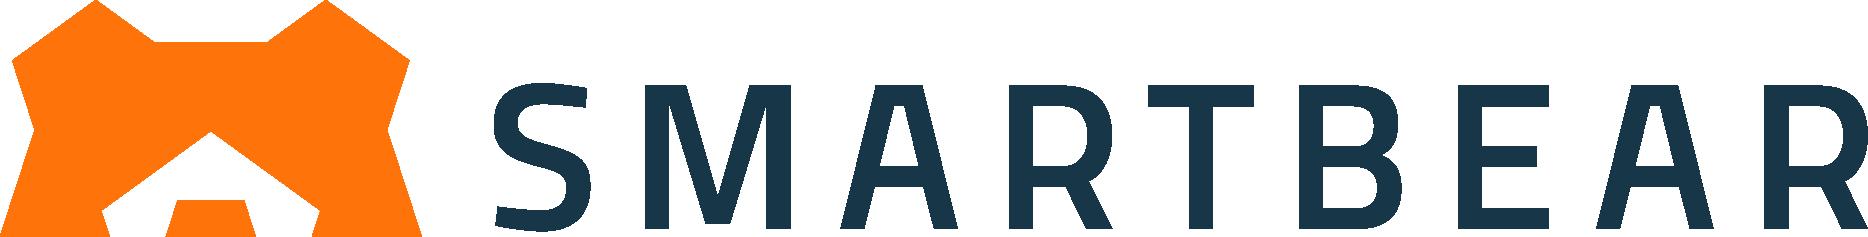 SmartBear Strengthens Enterprise-grade Portfolio with Acquisition of TM4J from Adaptavist